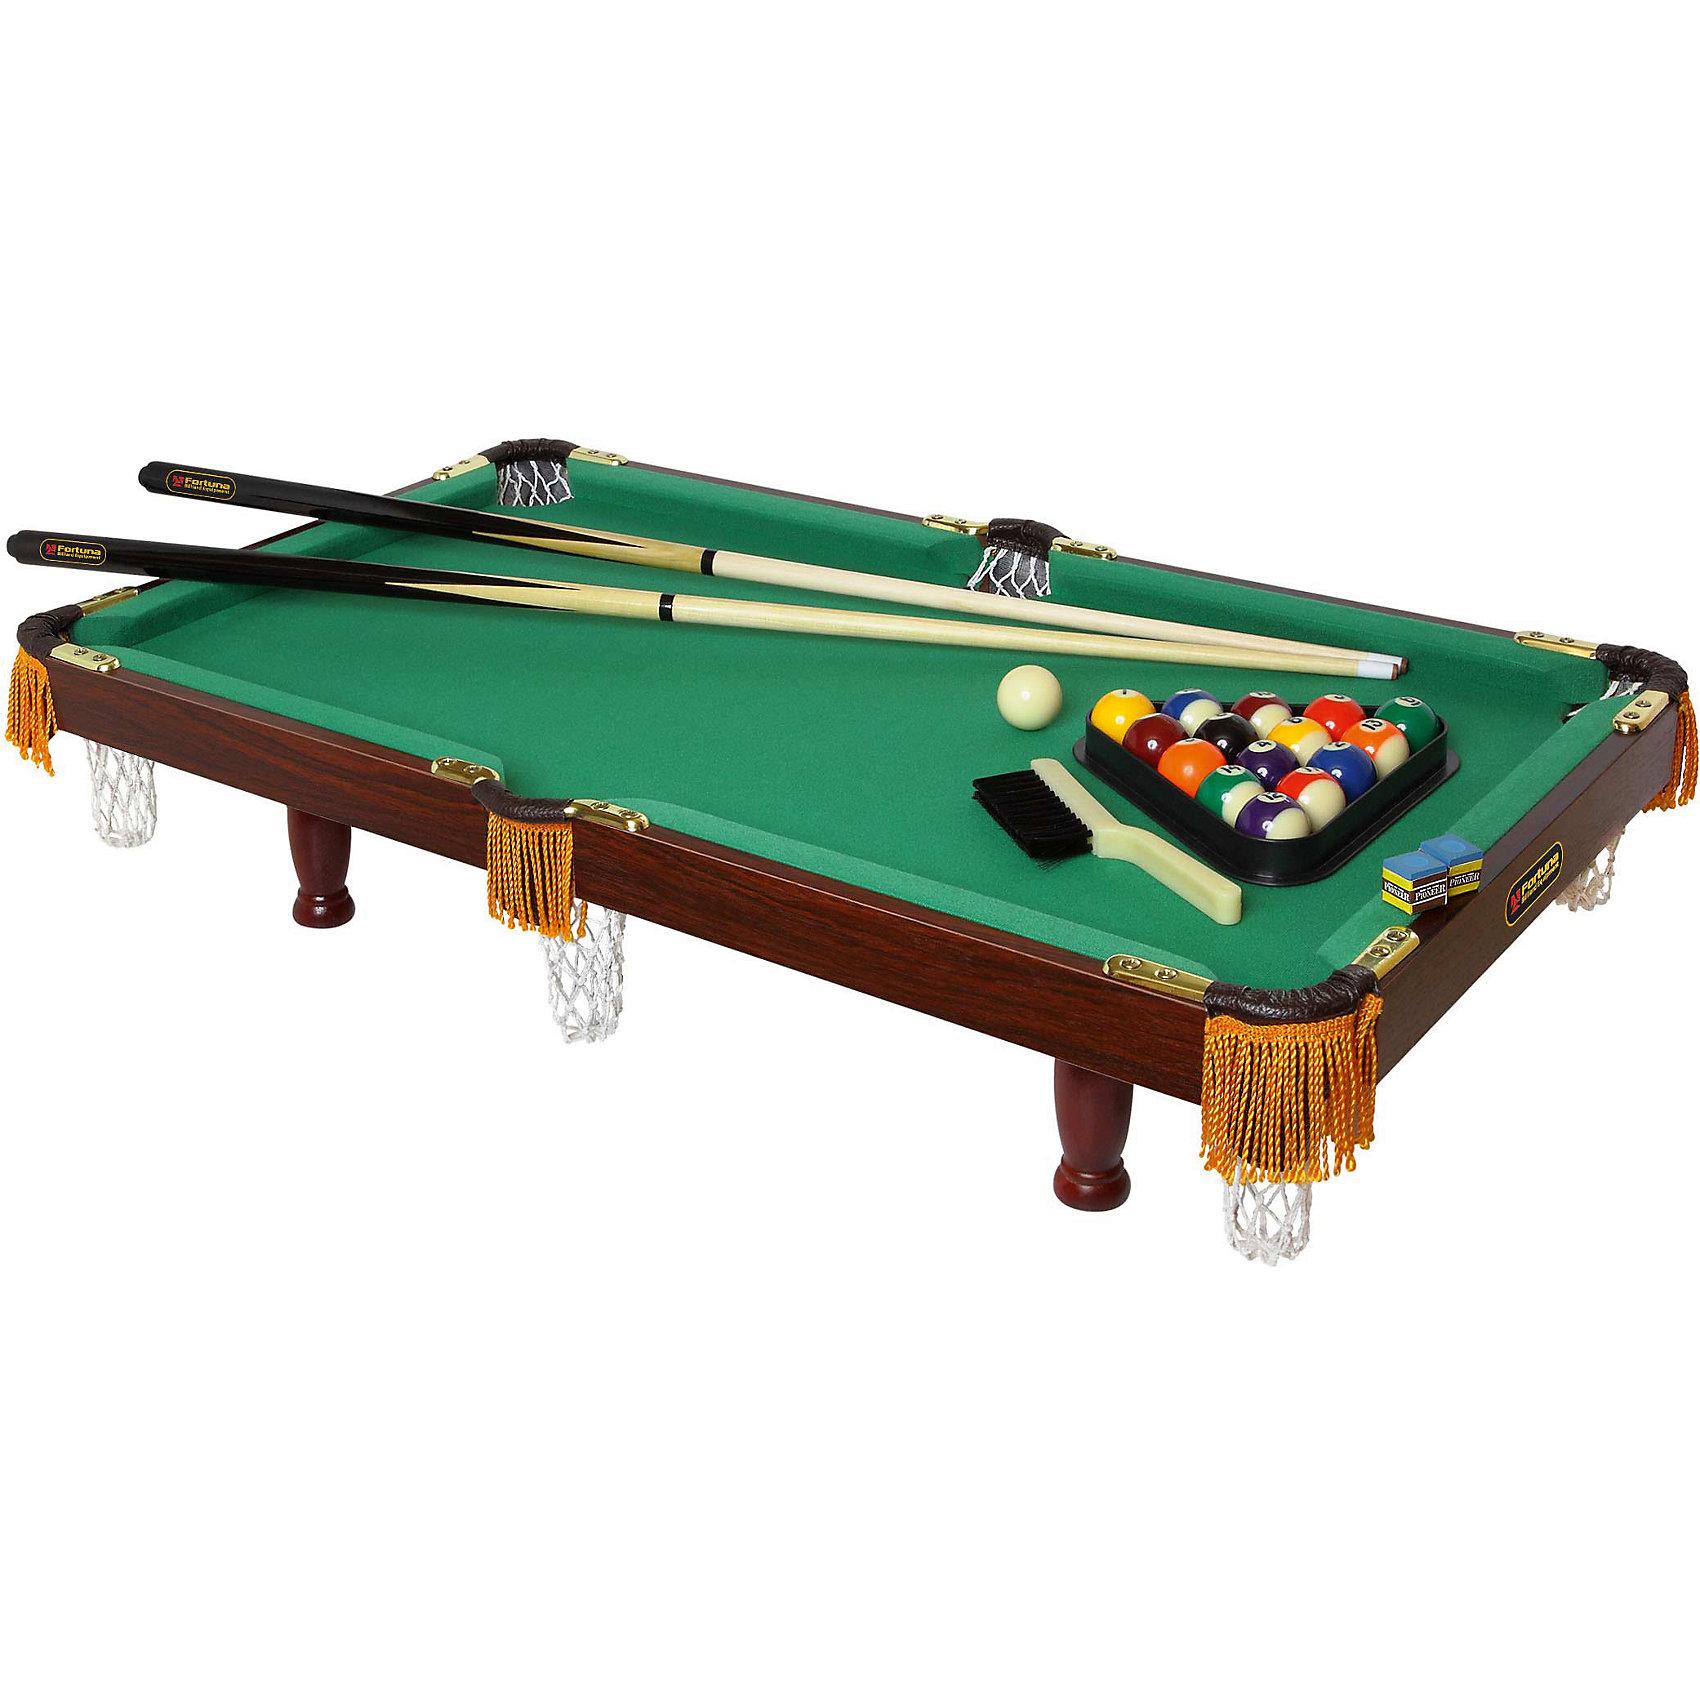 Бильярдный стол Пул, с комплектом аксессуаров, FortunaБильярдный стол Fortuna Пул 6 футов 9 в 1.<br><br>Характеристики настольной игры Фортуна:<br><br>• размер бильярдного стола в собранном виде: 182х84х79 см;<br>• вес бильярдного стола: 46,6 кг<br>• регулируется по высоте;<br>• материал корпуса: МДВ/ПВХ;<br>• толщина плиты: 12 мм;<br>• диаметр шаров: 51 мм;<br>• длина киев: 122 см;<br>• размер упаковки: 191х89,5х16,5 см;<br>• вес упаковки: 54;<br>• упаковка: картонные коробки, полиэтилен, пенопласт.<br><br>Бильярдный стол Fortuna Billiard Equipment 9 в 1 – это полноценный игровой центр для детей и взрослых. <br><br>Набор предлагает 9 игр: американский пул, шашки, шахматы, нарды, настольный теннис (пинг-понг), кегли, шаффлборд, игральные карты и домино.<br><br>Бильярдный стол Пул, с комплектом аксессуаров, Fortuna можно купить в нашем интернет-магазине.<br><br>Ширина мм: 970<br>Глубина мм: 100<br>Высота мм: 560<br>Вес г: 9000<br>Возраст от месяцев: 36<br>Возраст до месяцев: 2147483647<br>Пол: Унисекс<br>Возраст: Детский<br>SKU: 5032447